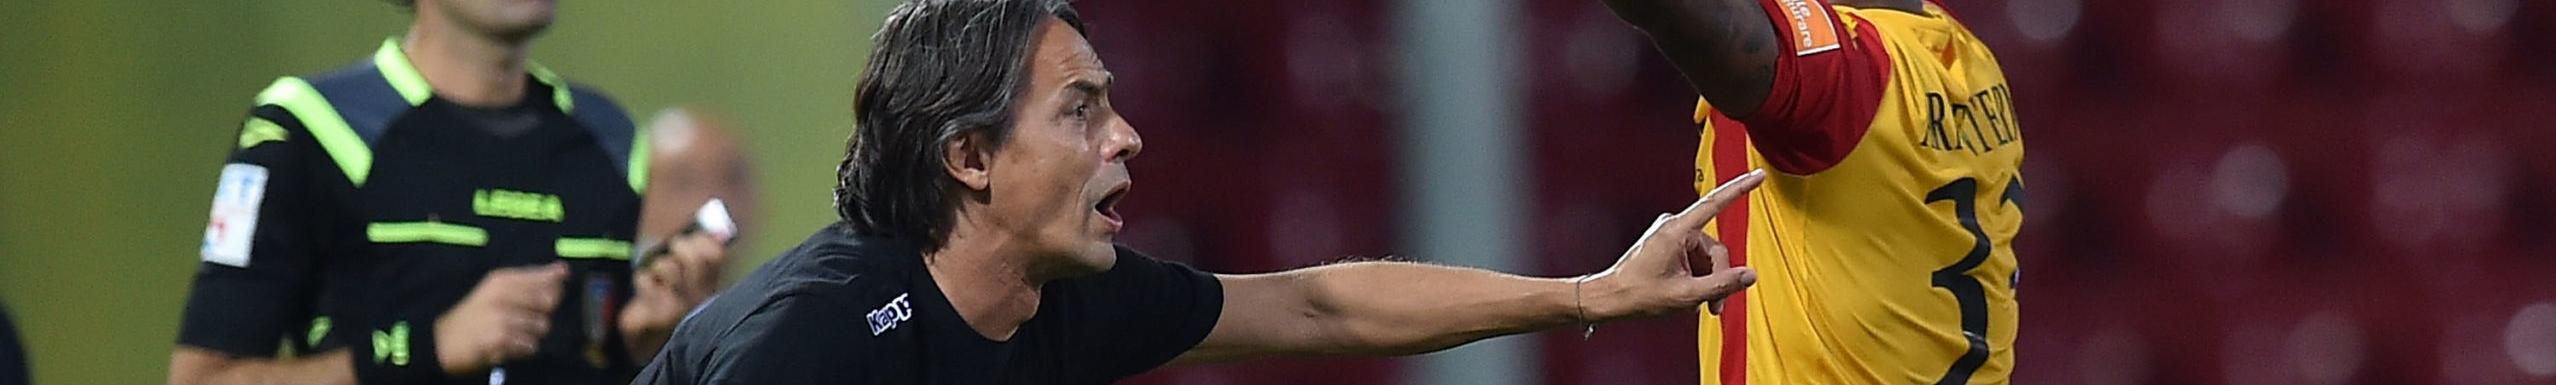 Livorno-Benevento: testacoda di Serie B che può dare altri punti d'oro al Benevento